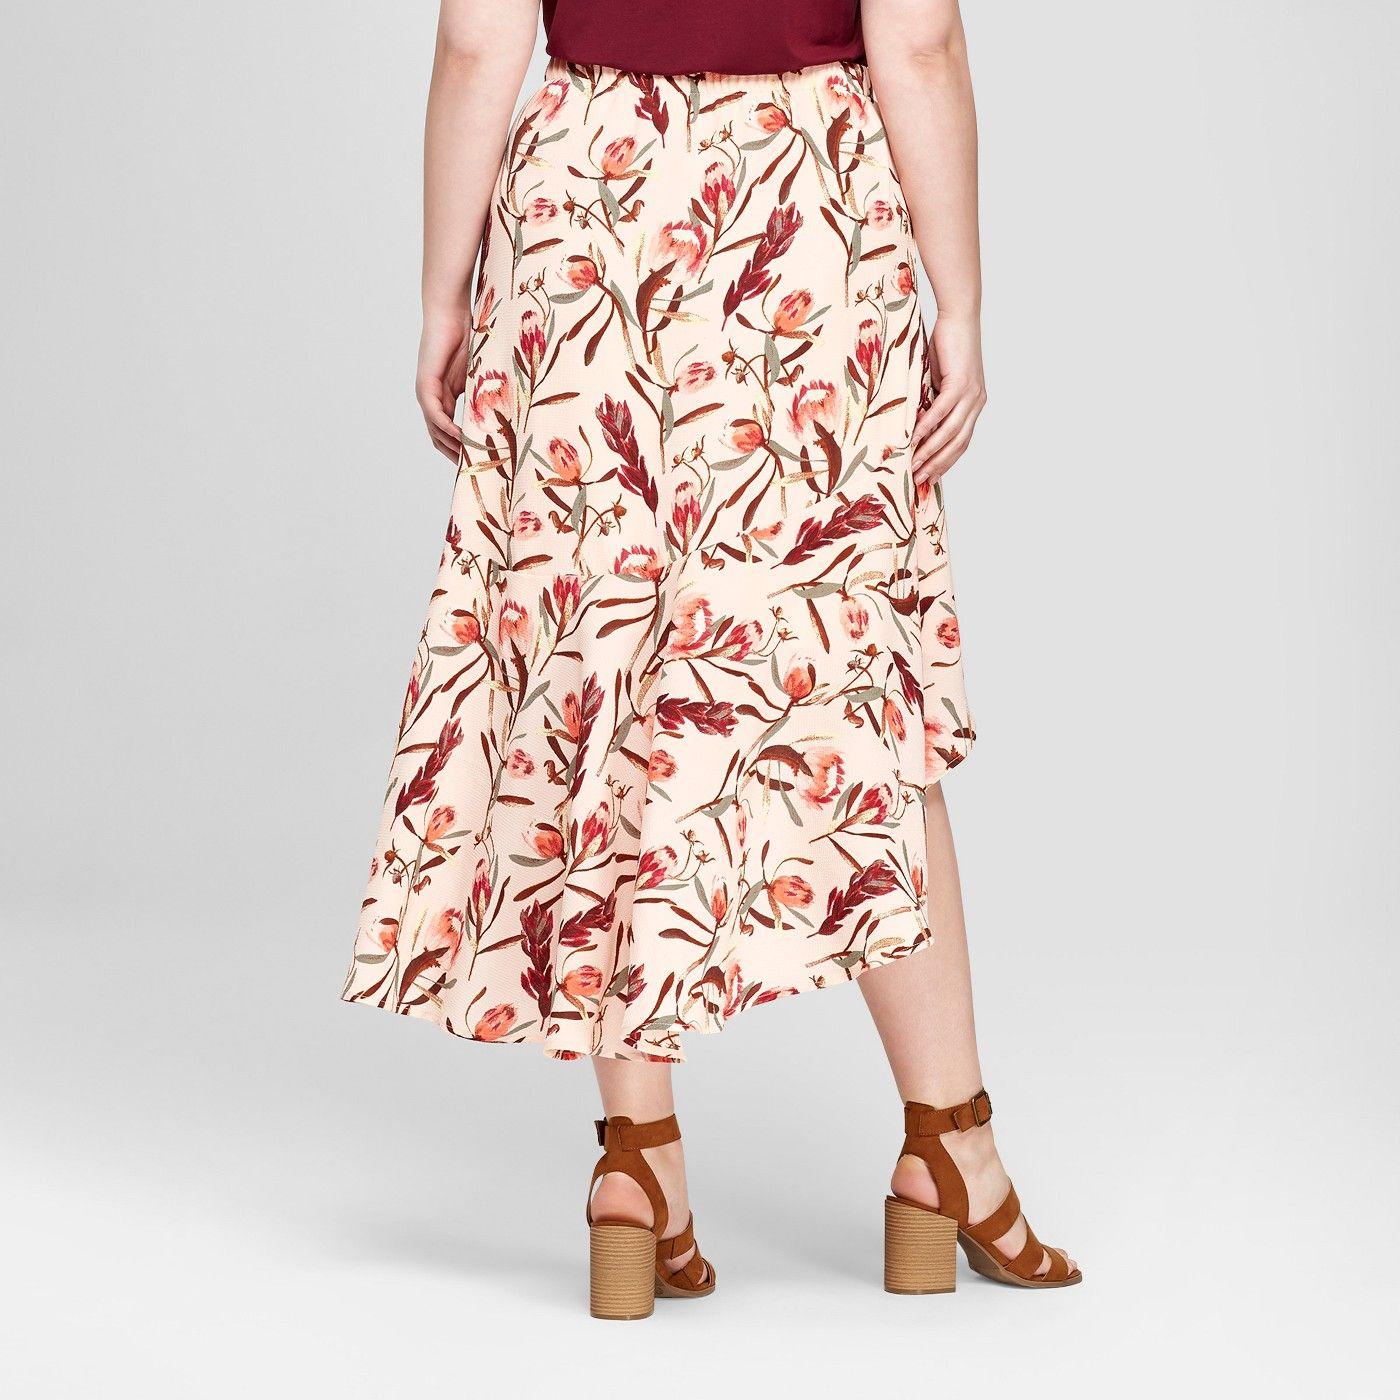 Falda Larga Con Estampado Floral Y Dobladillo Con Volantes En Las Tallas Grandes Para Mujer Ava Viv A Peach